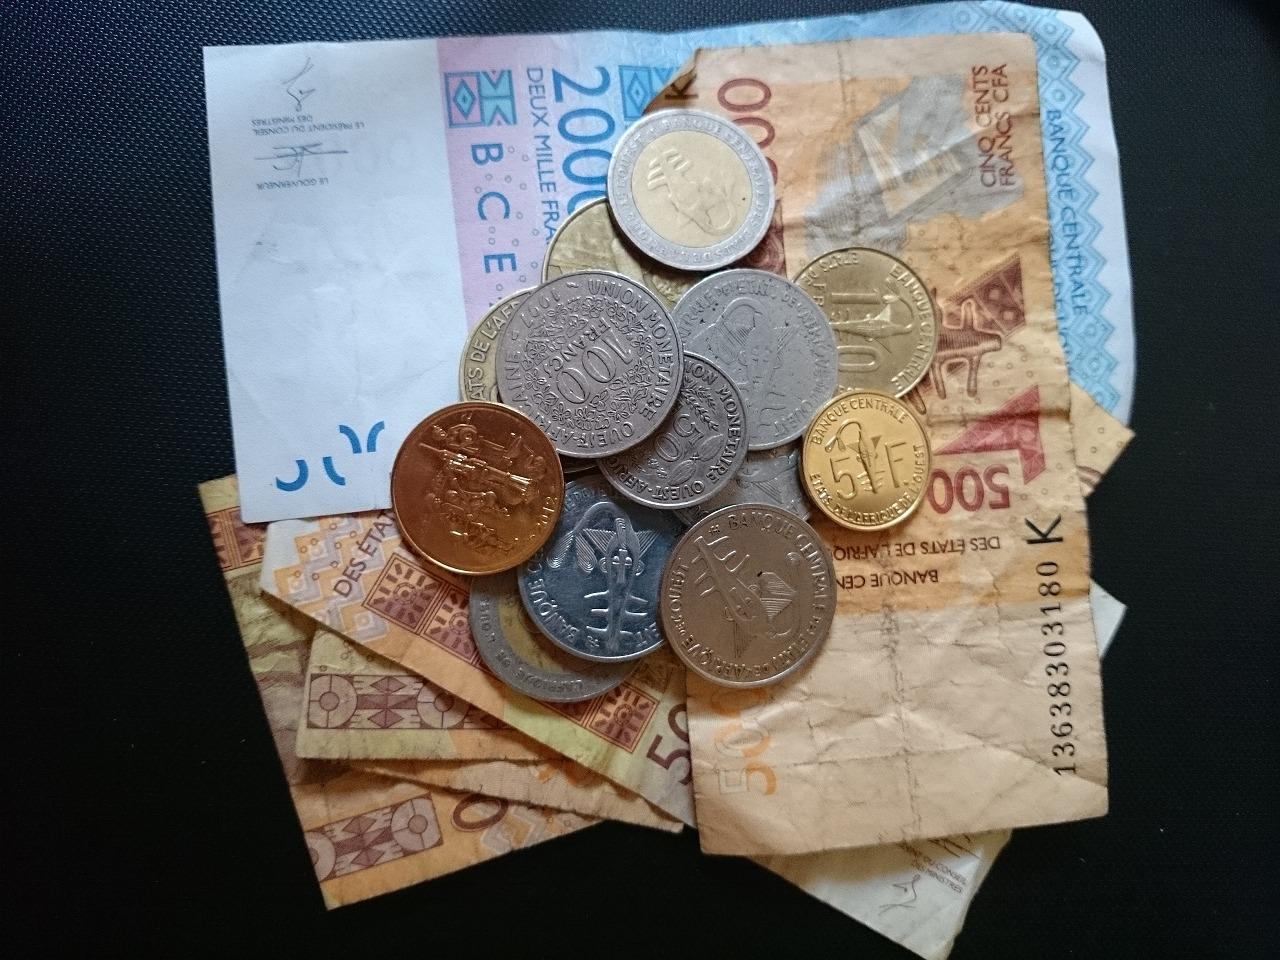 日本の5分の1!? セネガルの相場と通貨